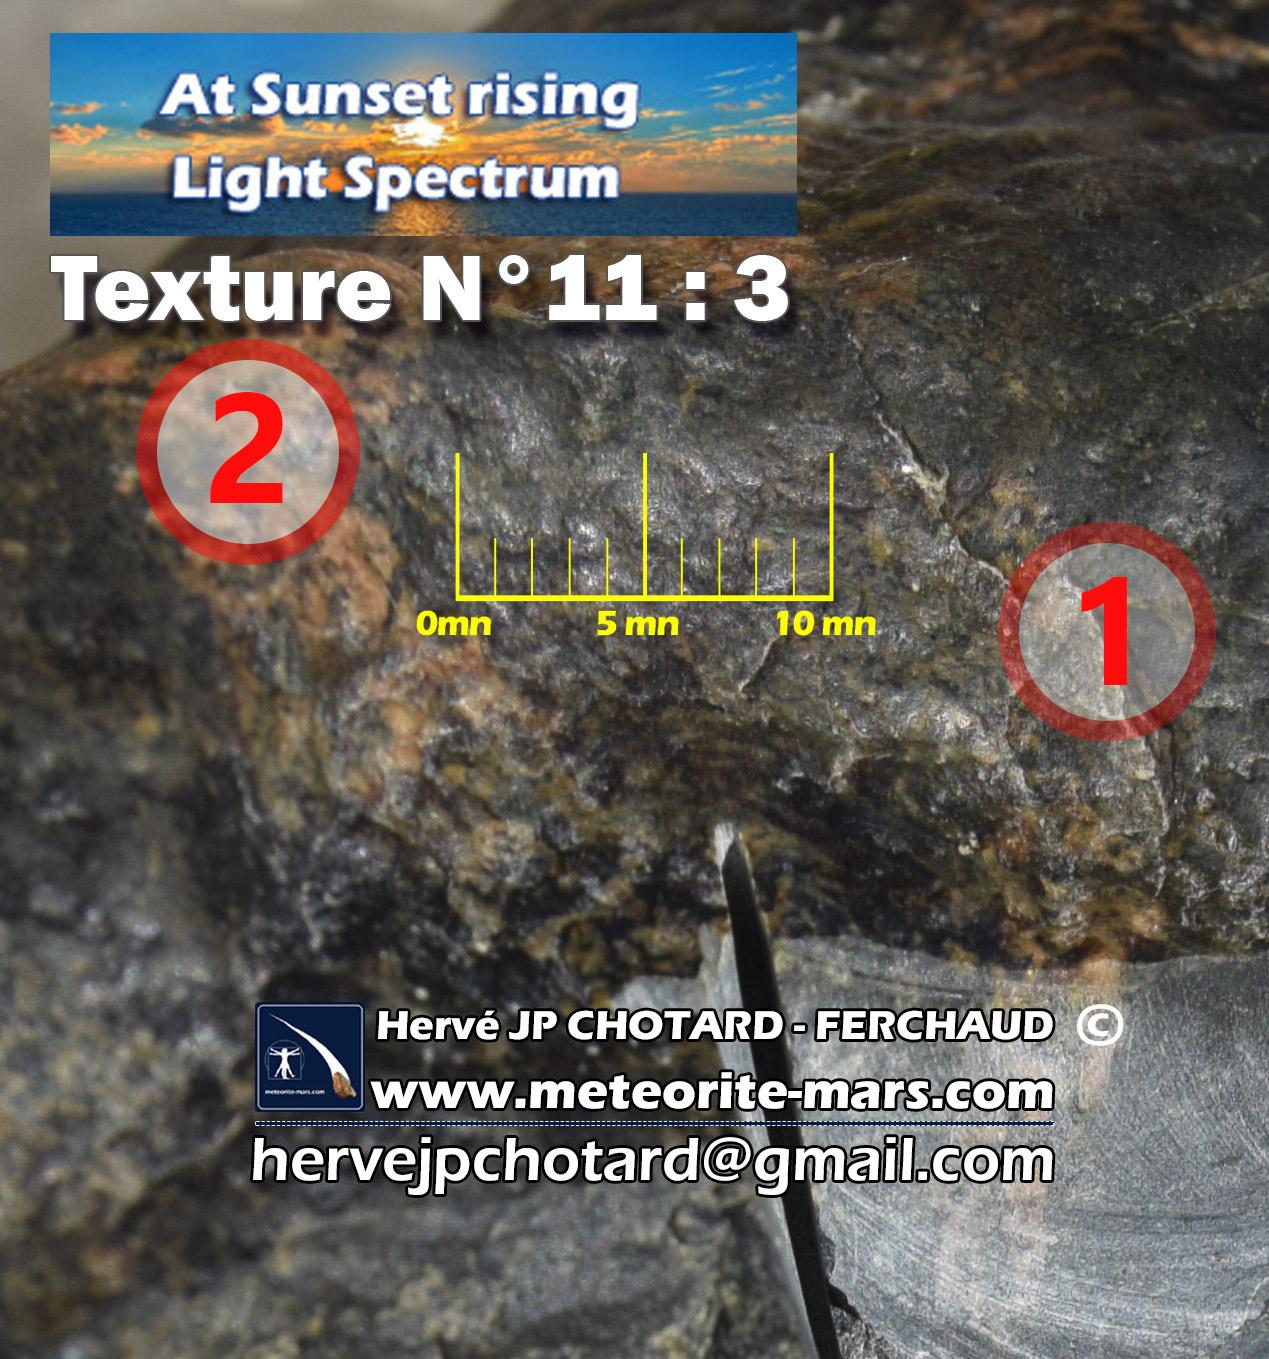 Textue N°11 - meteorite-mars.com